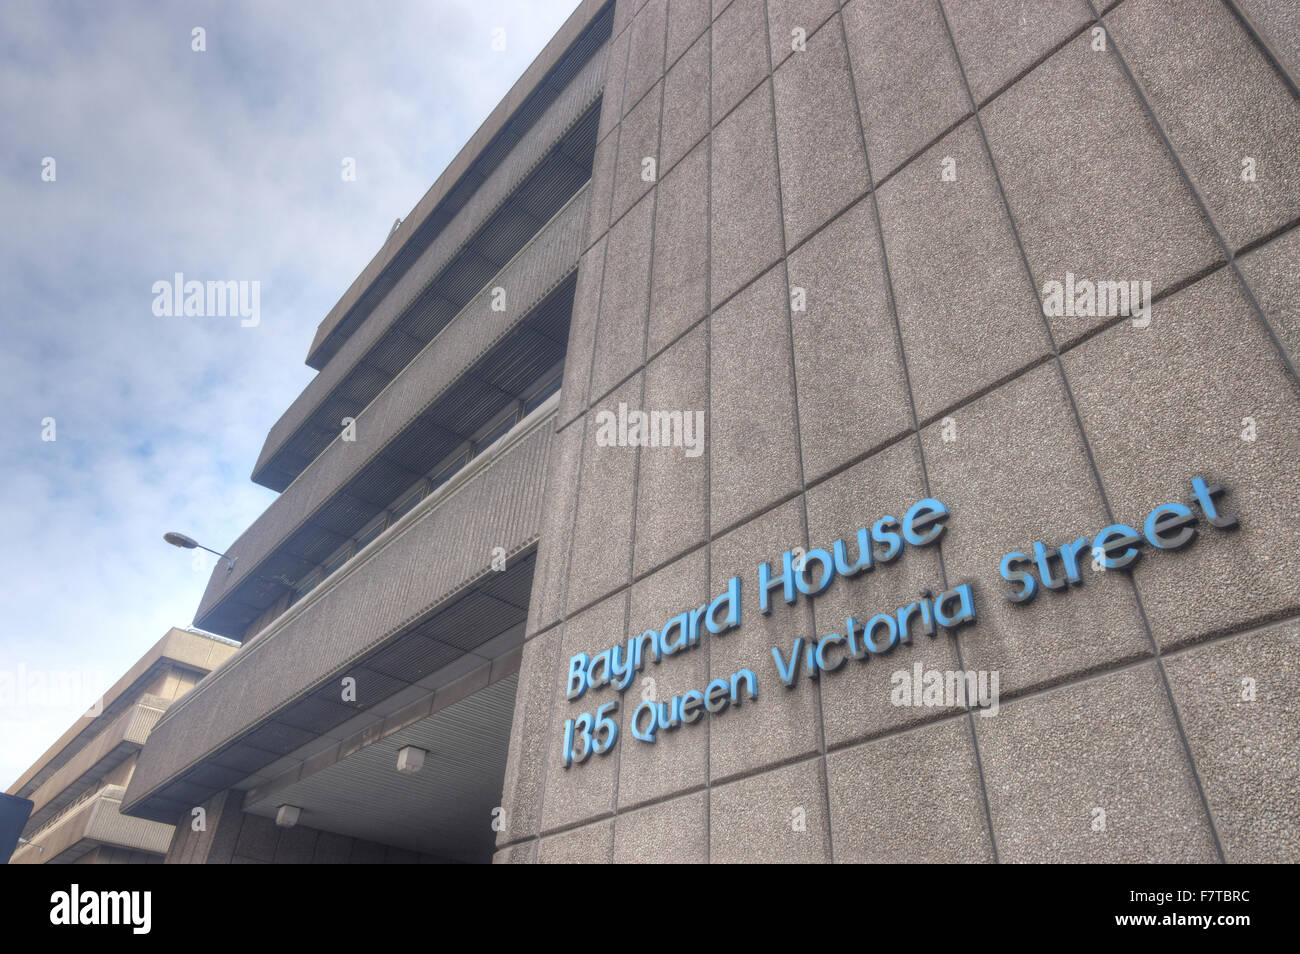 Baynard House, un edificio in calcestruzzo, 70s architettura Immagini Stock